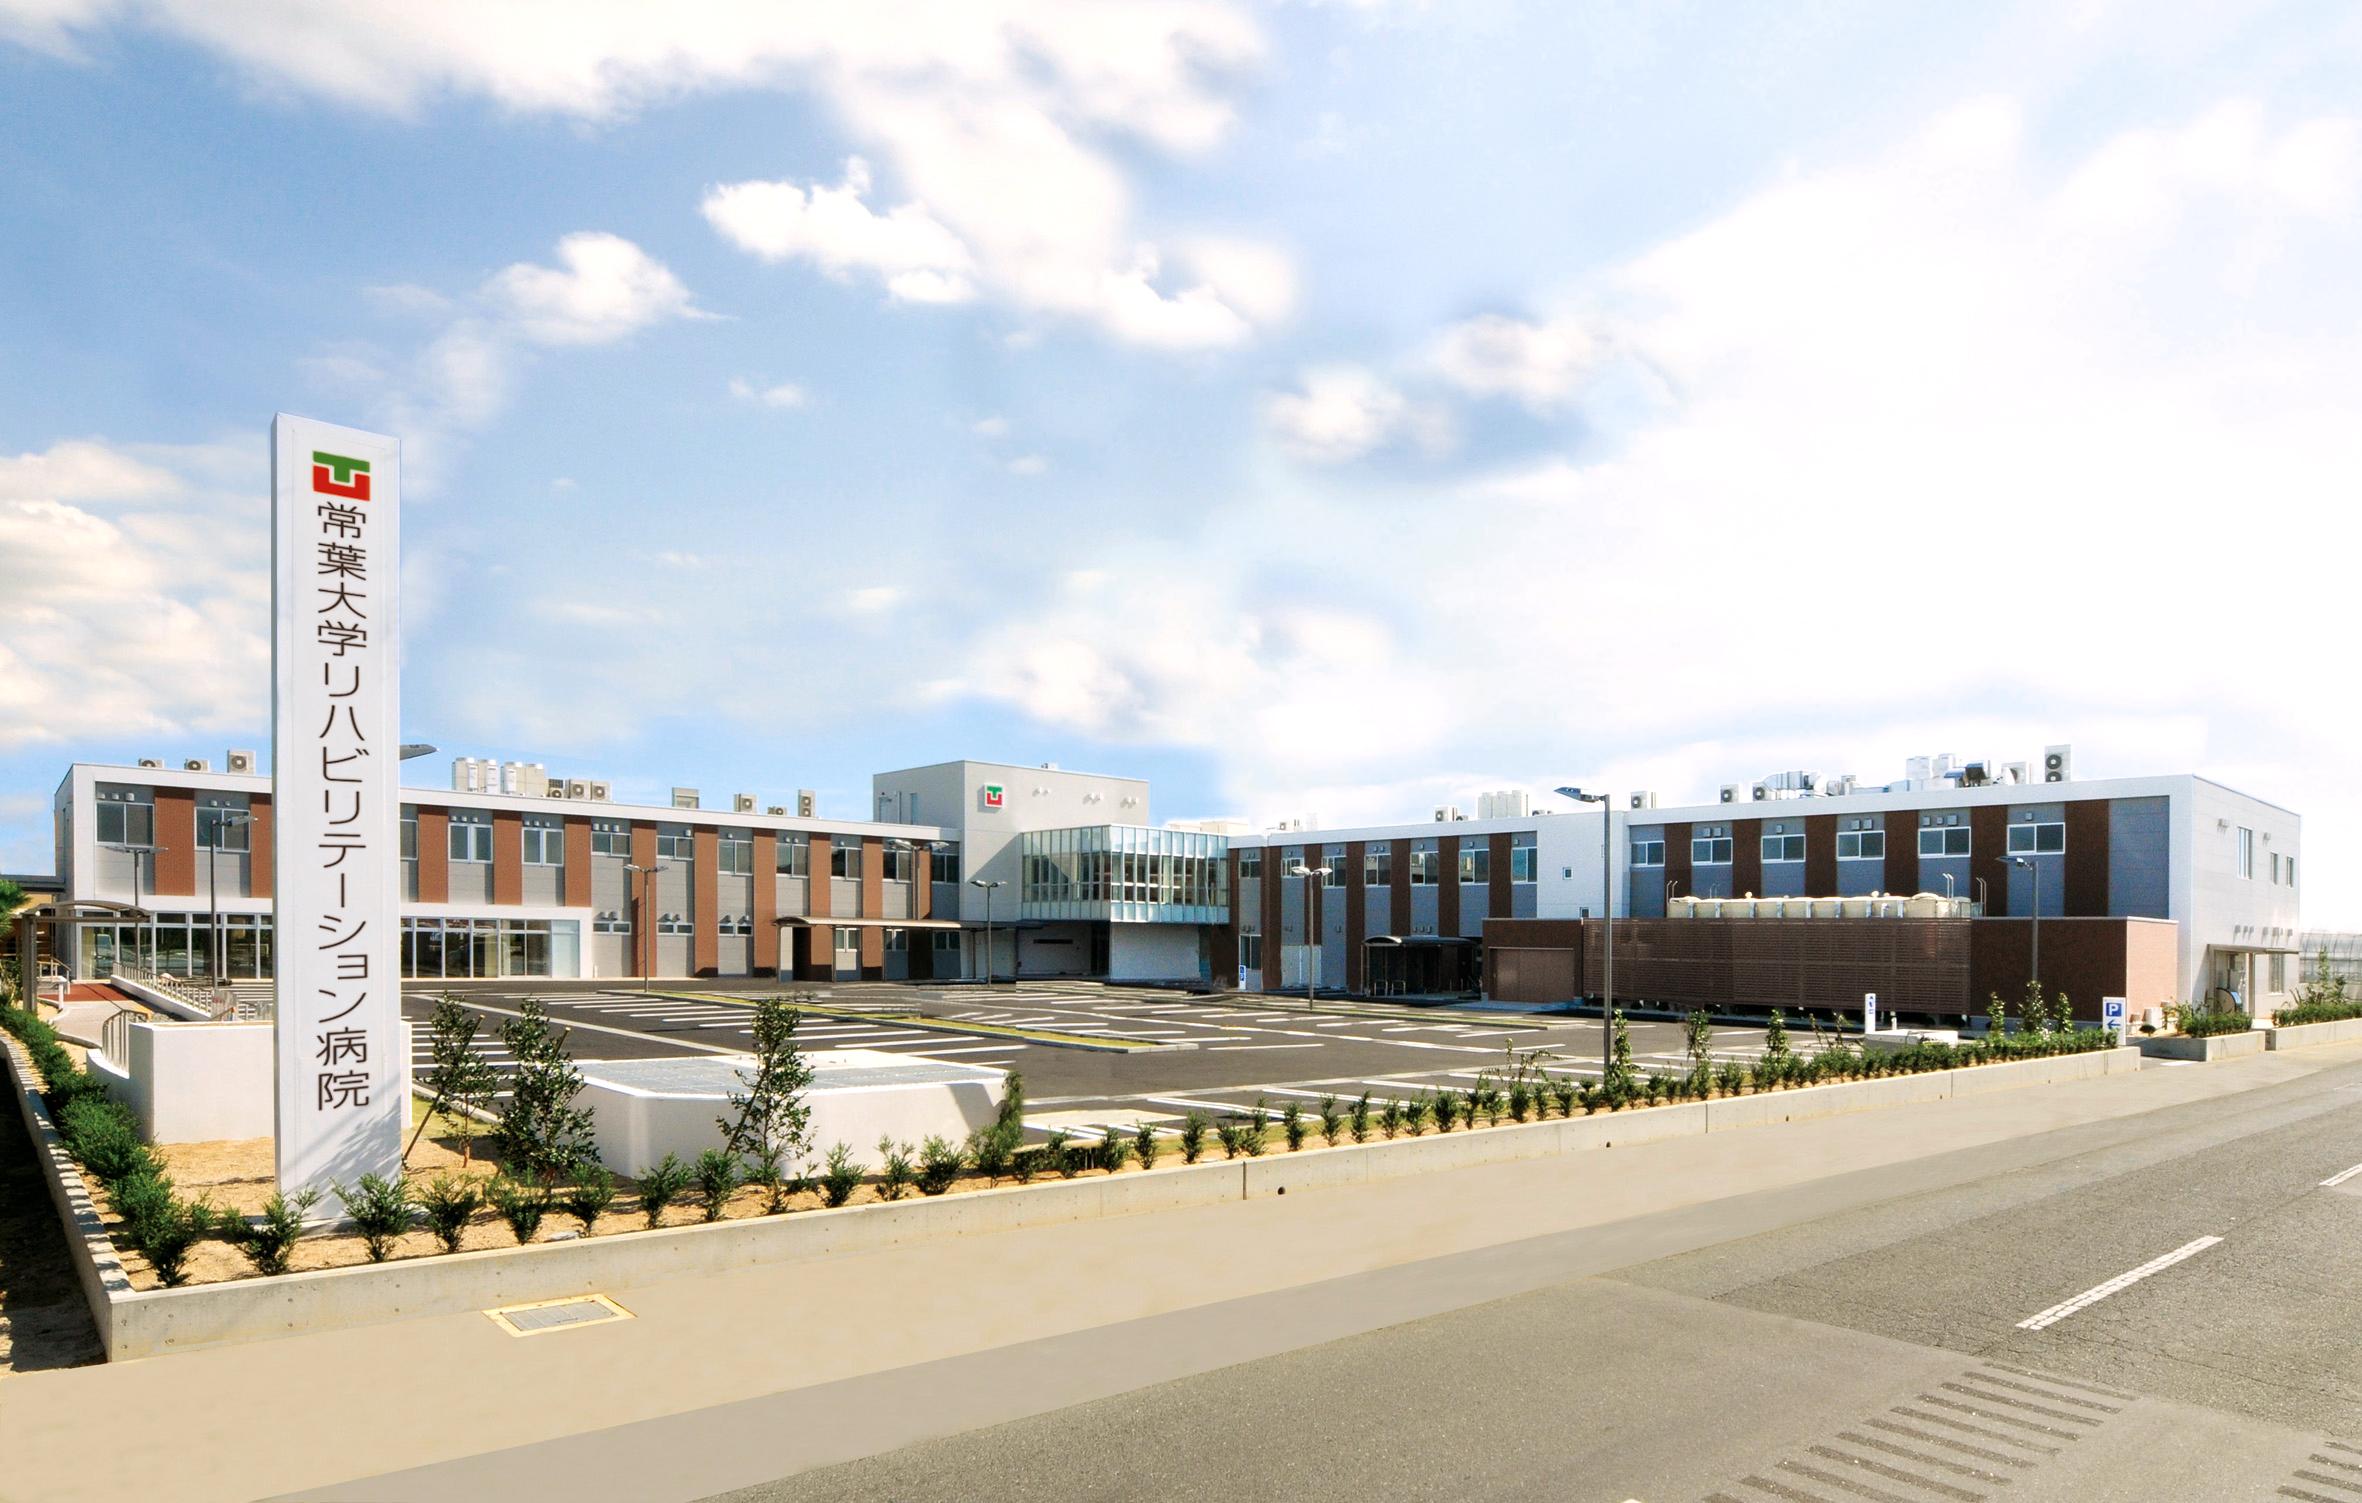 【介護職/浜松市西区】 病院 常葉大学リハビリテーション病院 (正社員)の画像1